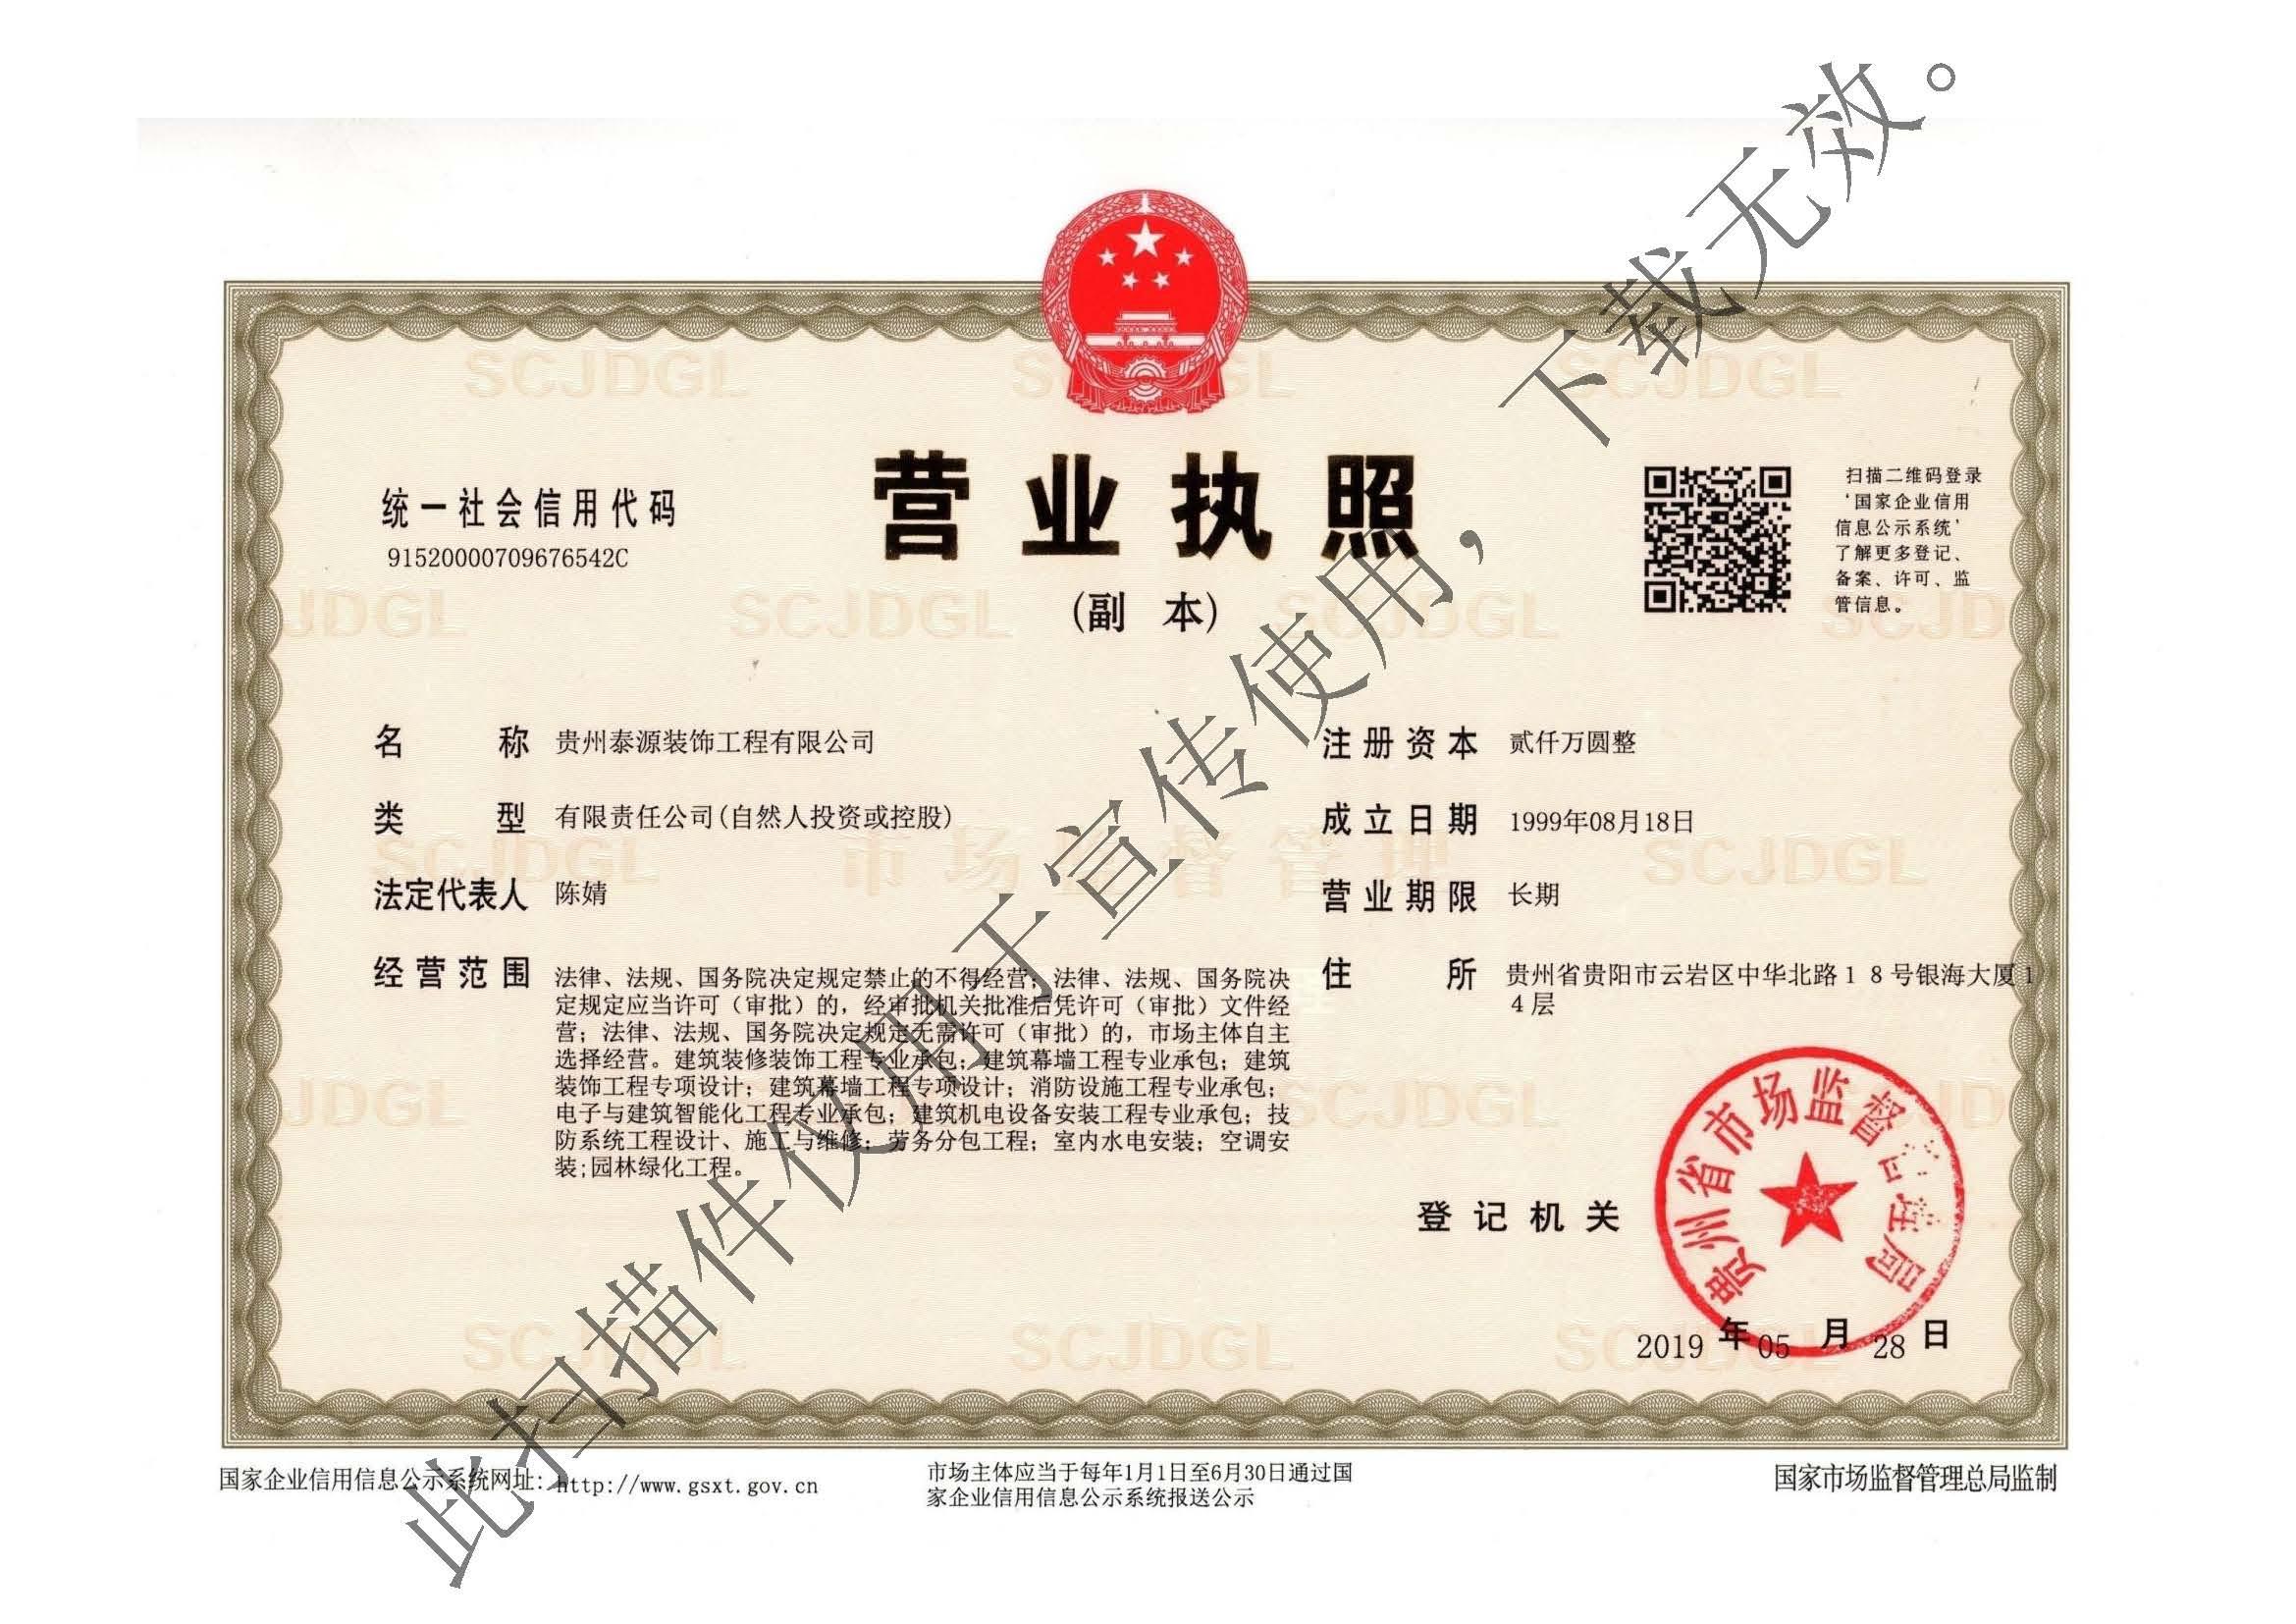 贵州泰源威廉希尔娱乐平台登录工程有限公司营业执照